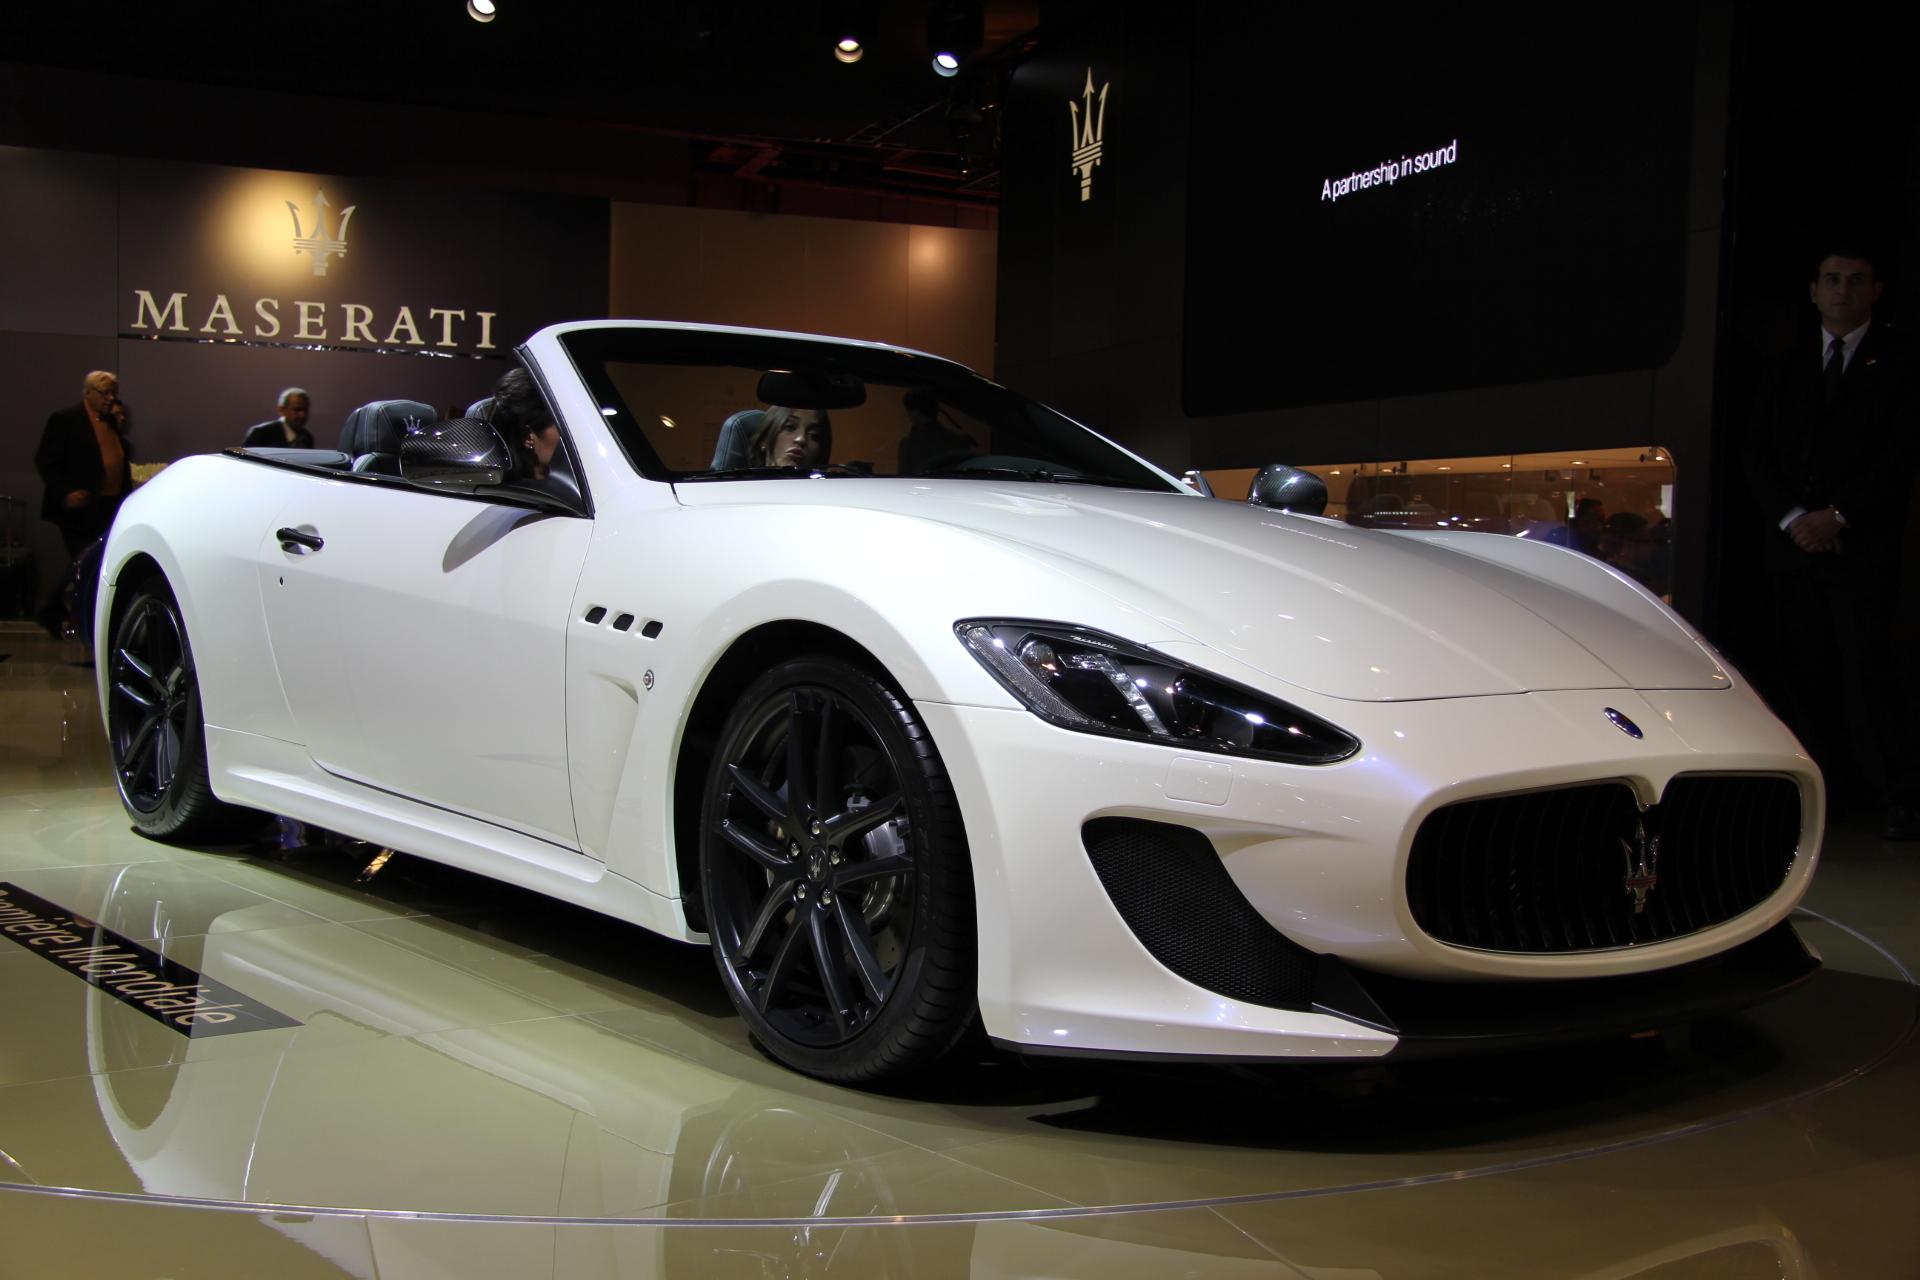 http://images.caradisiac.com/images/1/4/2/2/81422/S0-Mondial-de-Paris-2012-Maserati-GranCabrio-MC-toujours-plus-273853.jpg